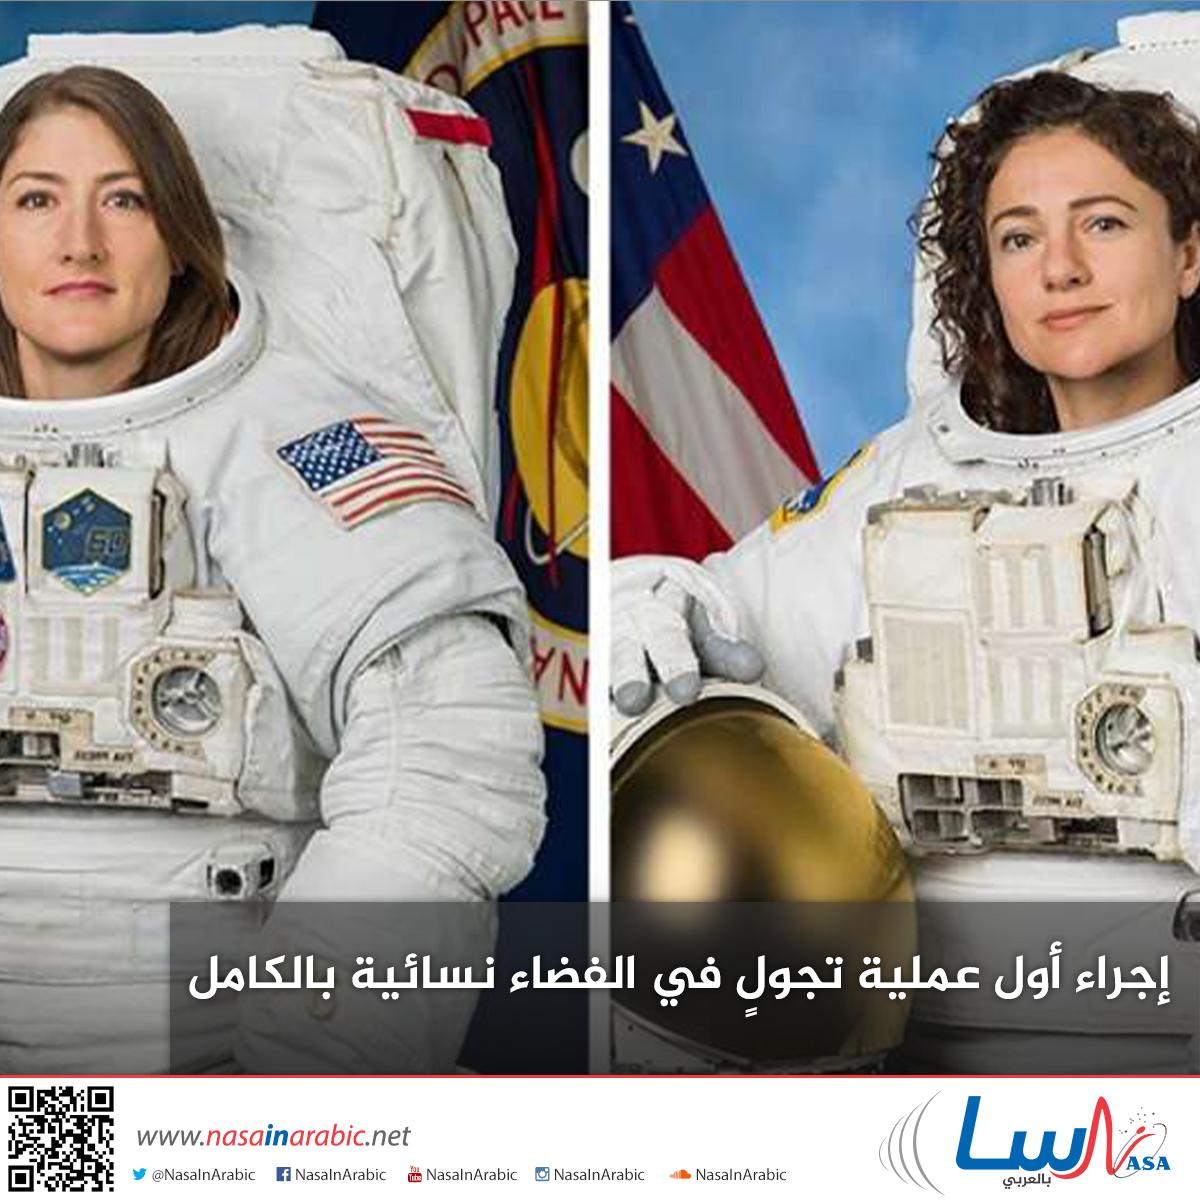 إجراء أول عملية تجولٍ في الفضاء نسائية بالكامل